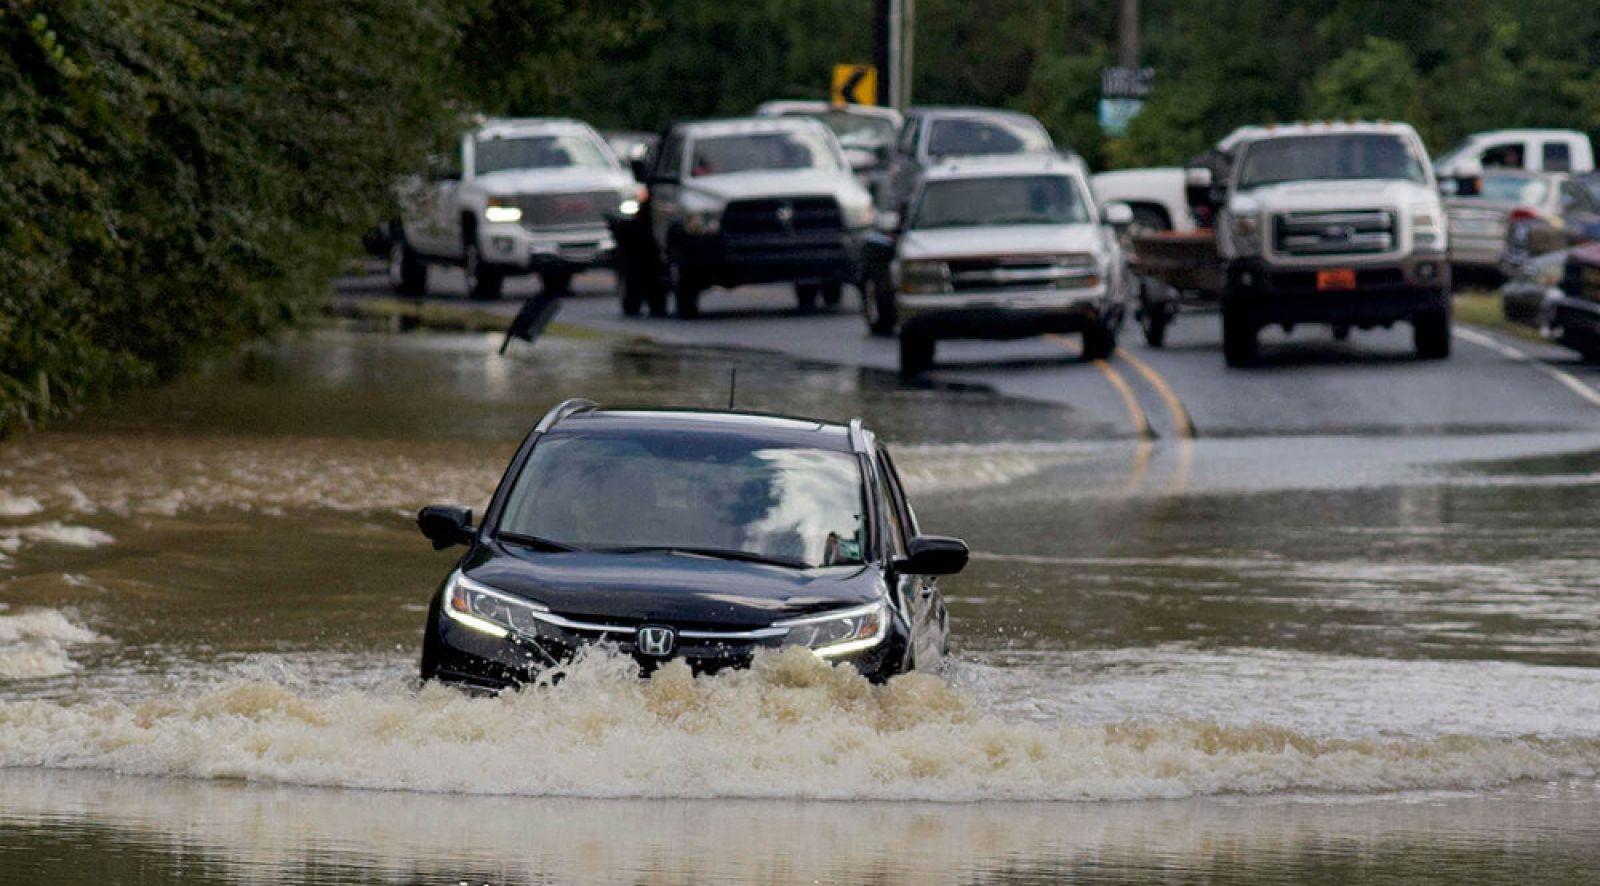 Cách để lái xe an toàn trong những ngày mưa bão